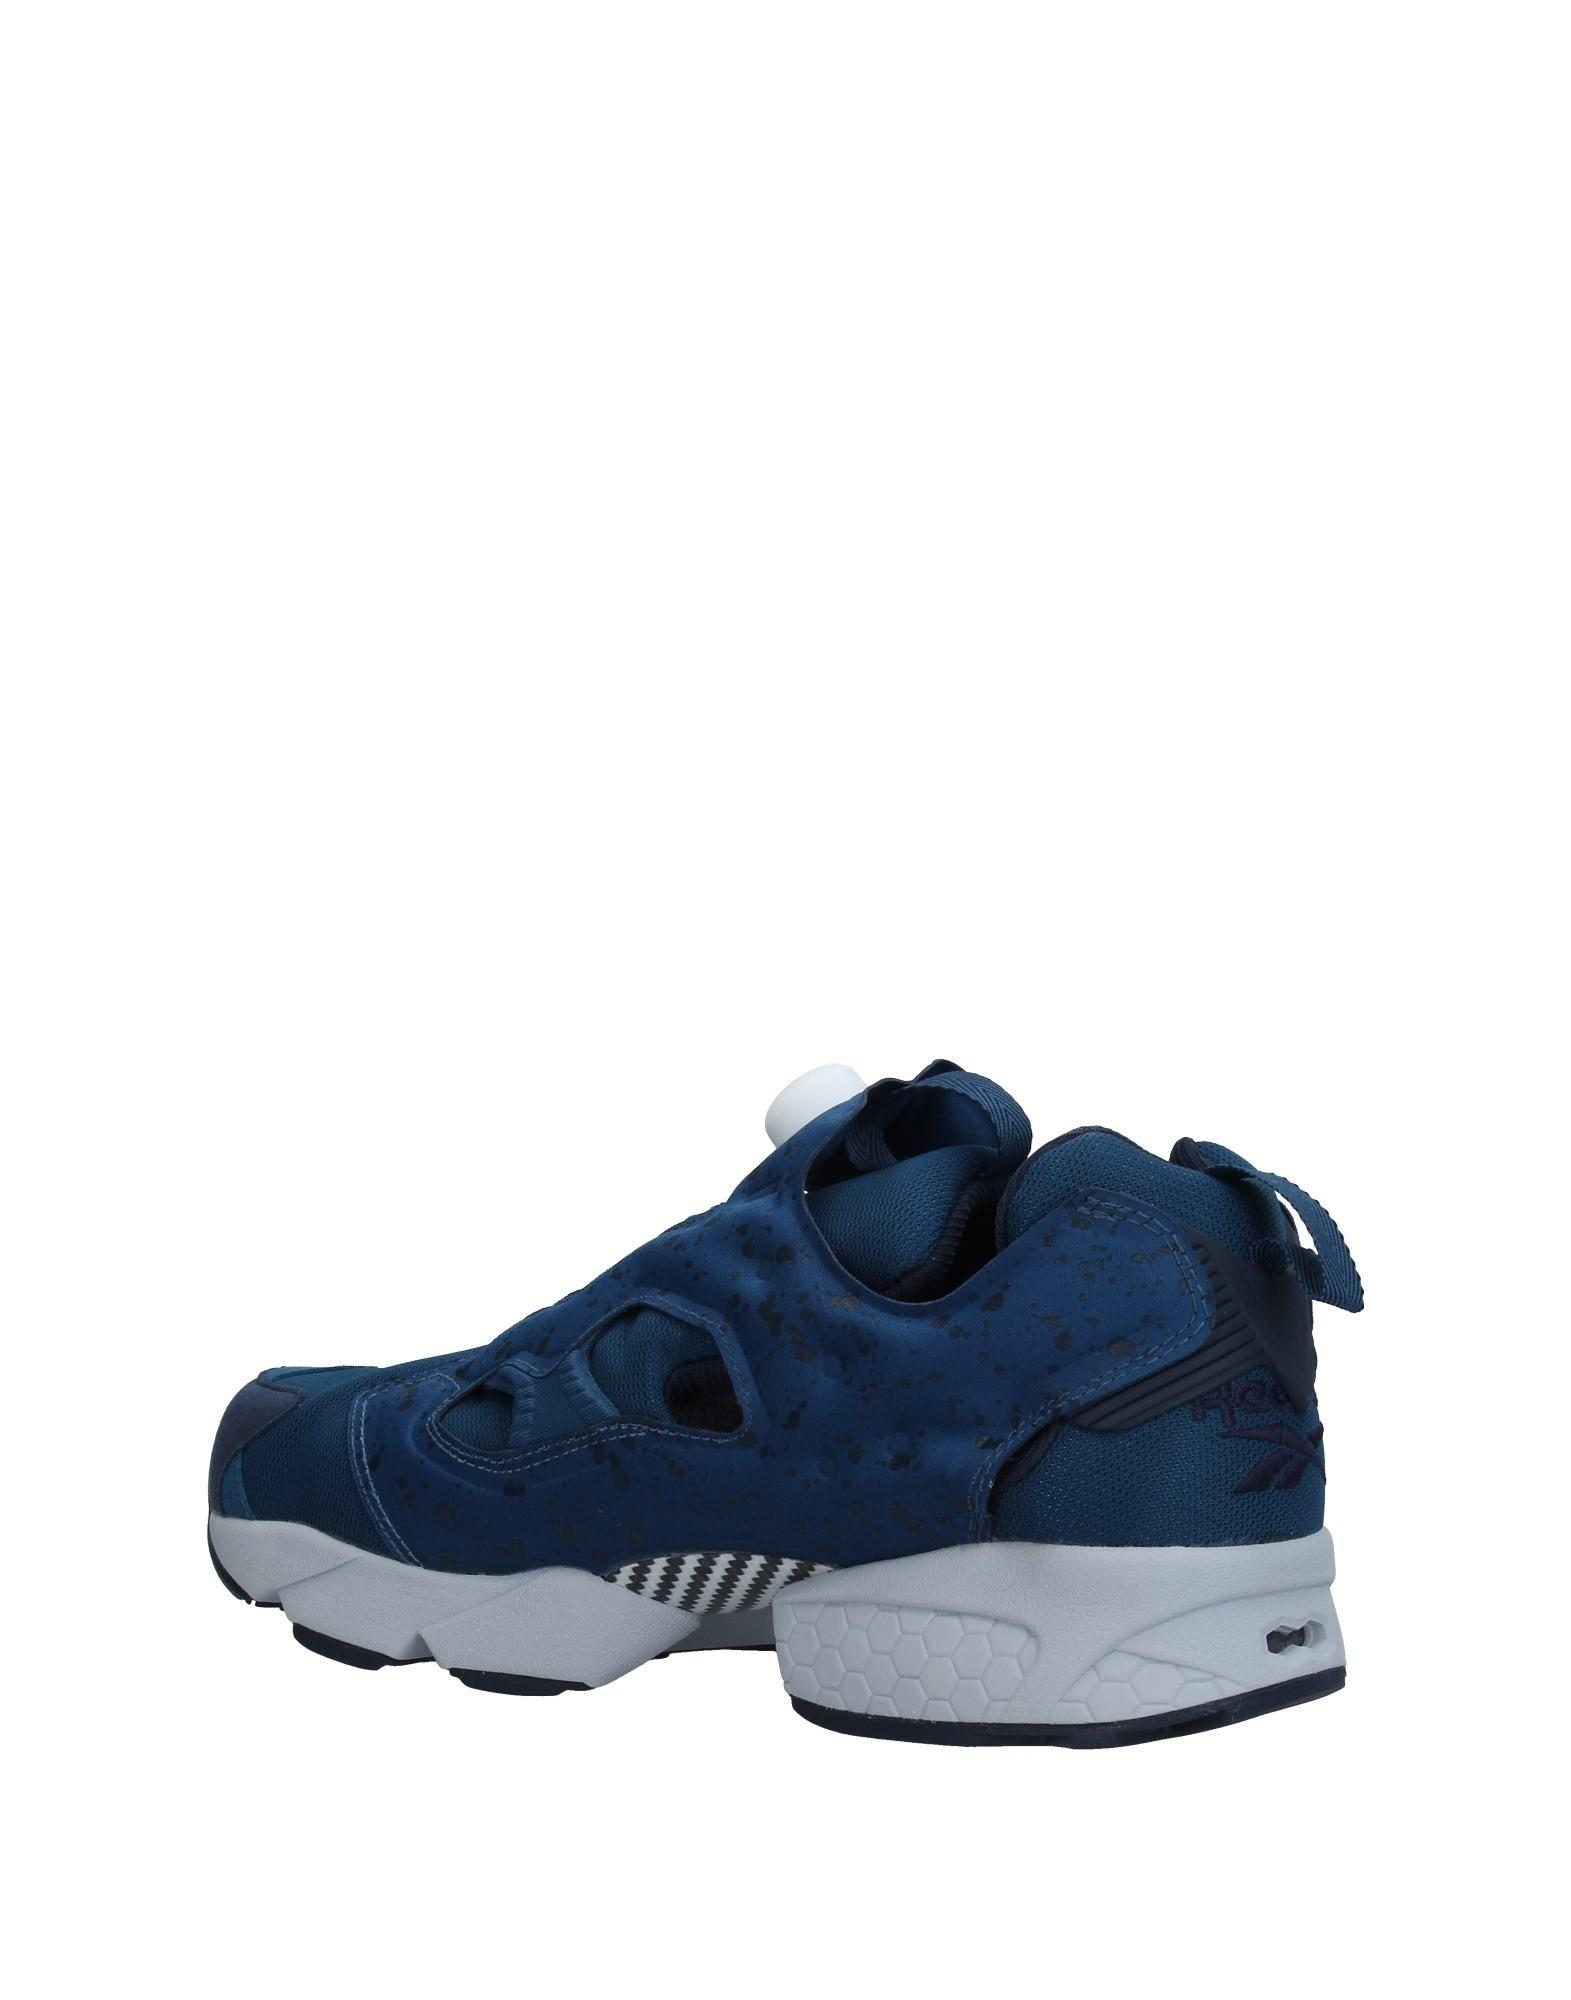 Scarpe economiche 11273104PO e resistenti Sneakers Reebok Uomo - 11273104PO economiche 5cb77d